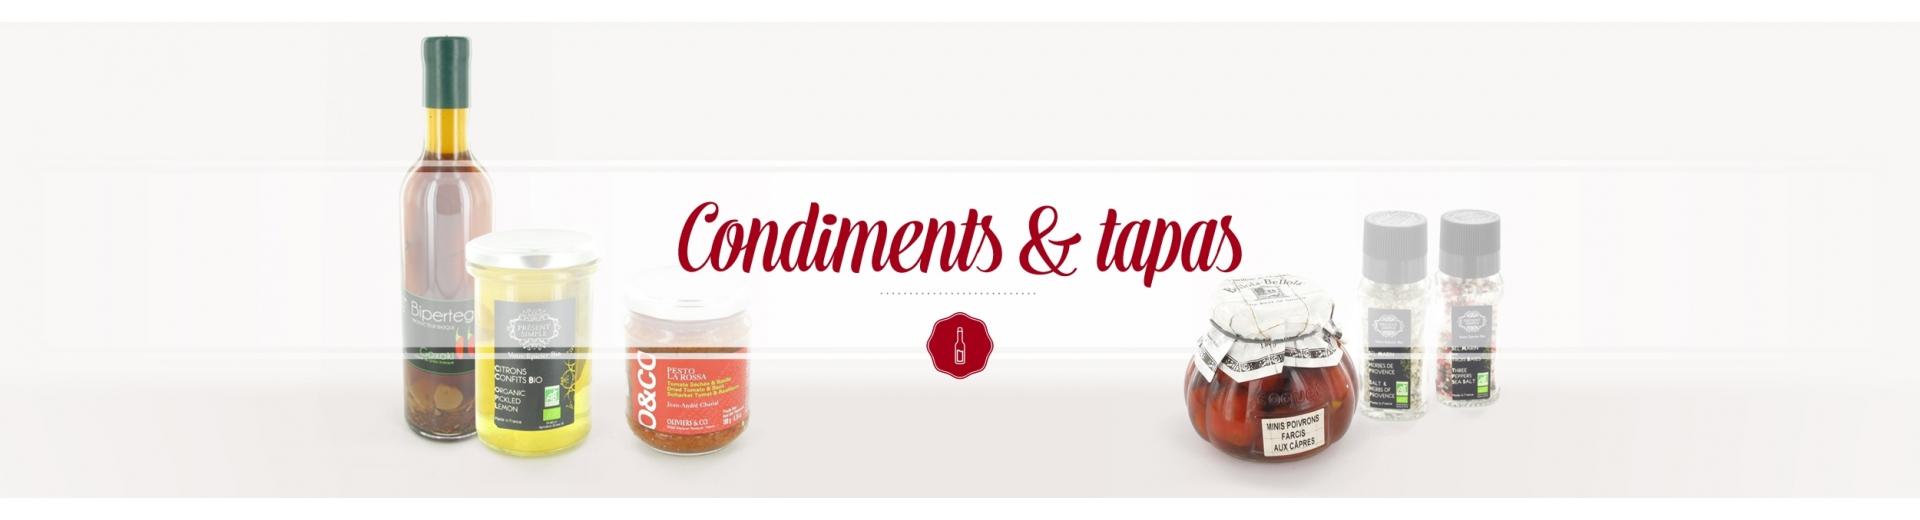 Condiments Tapas